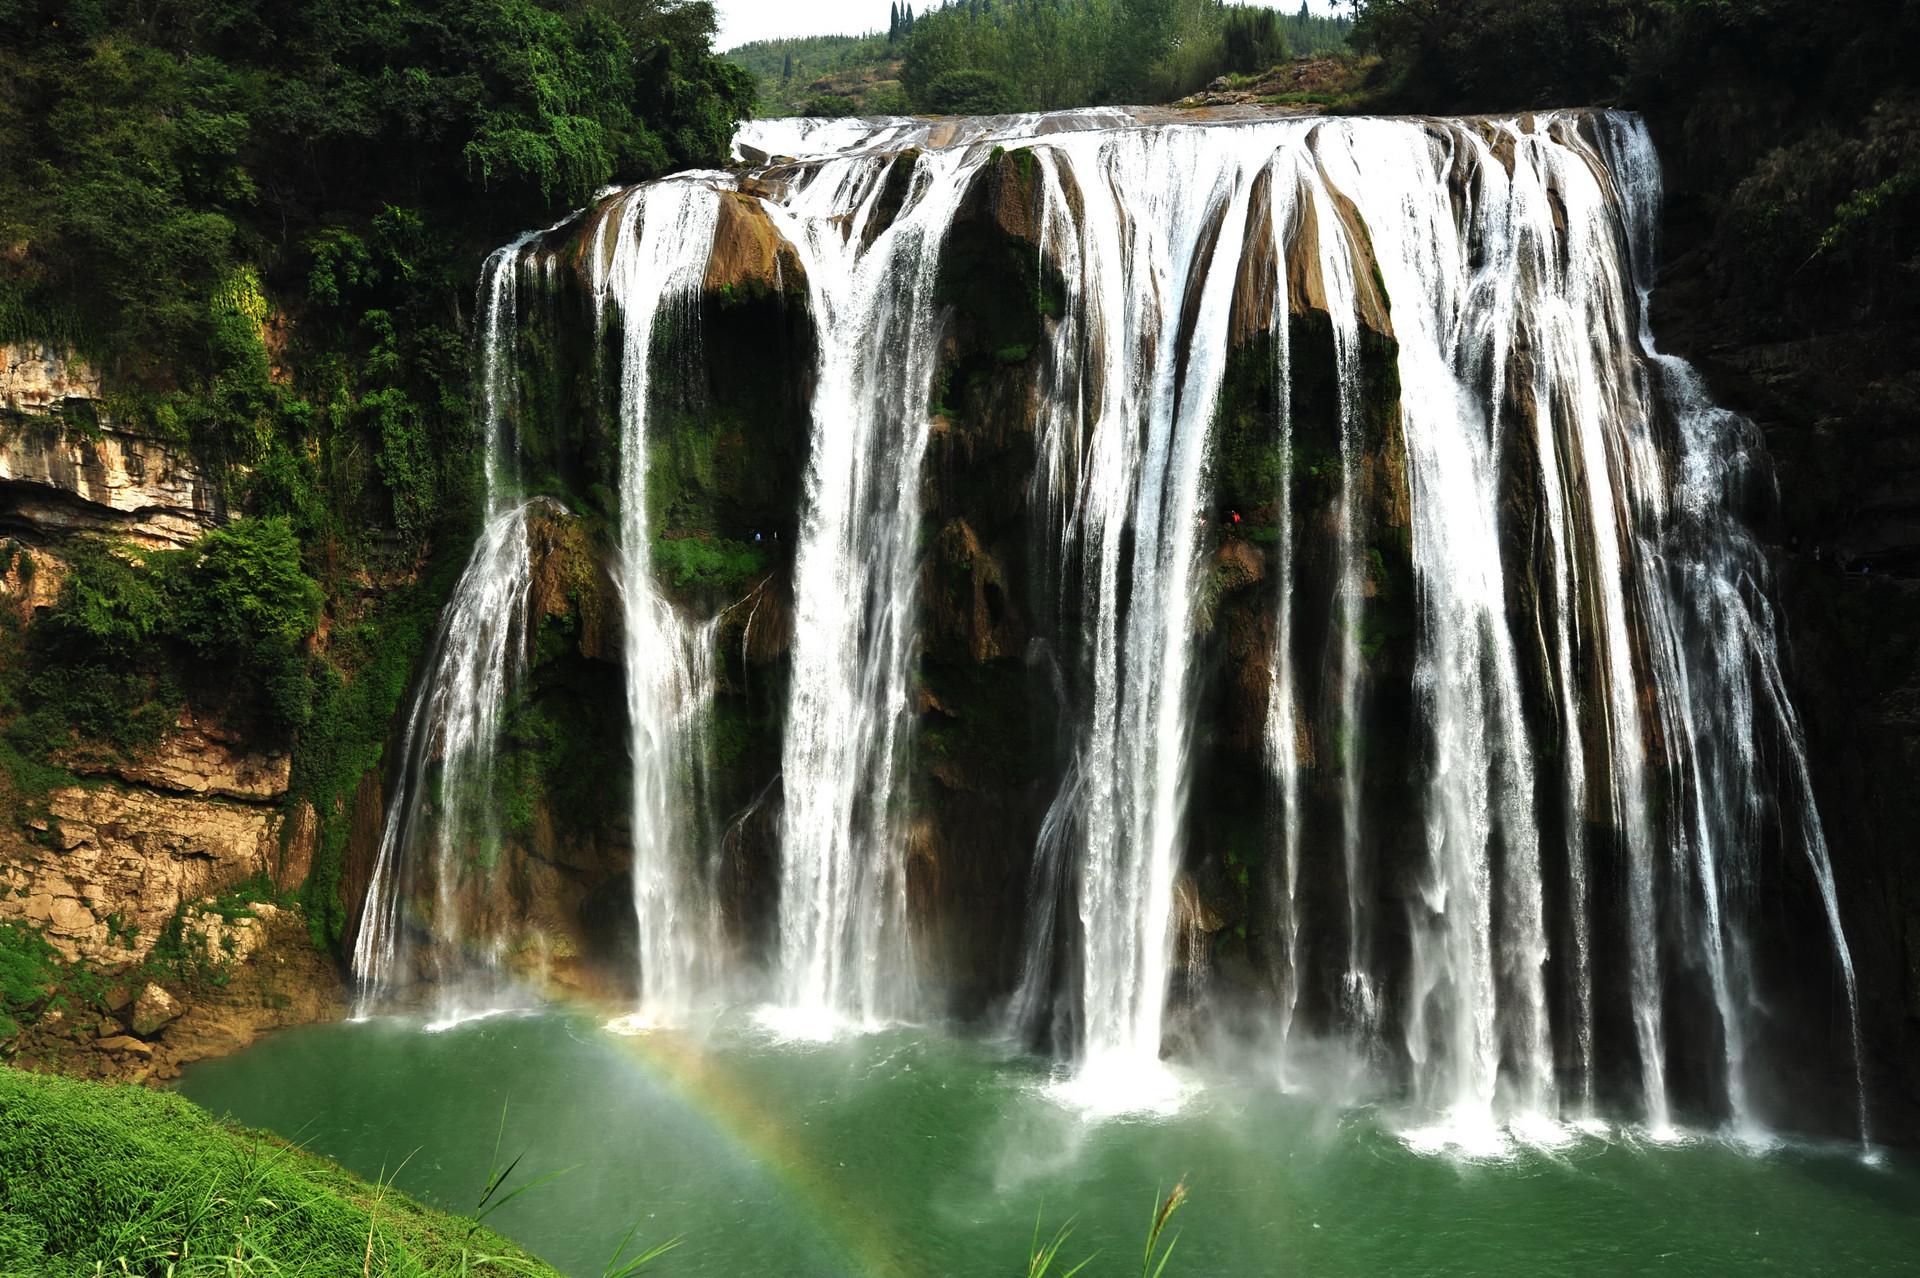 贵州这条瀑布因一种树而得名,被徐霞客记载广为传播